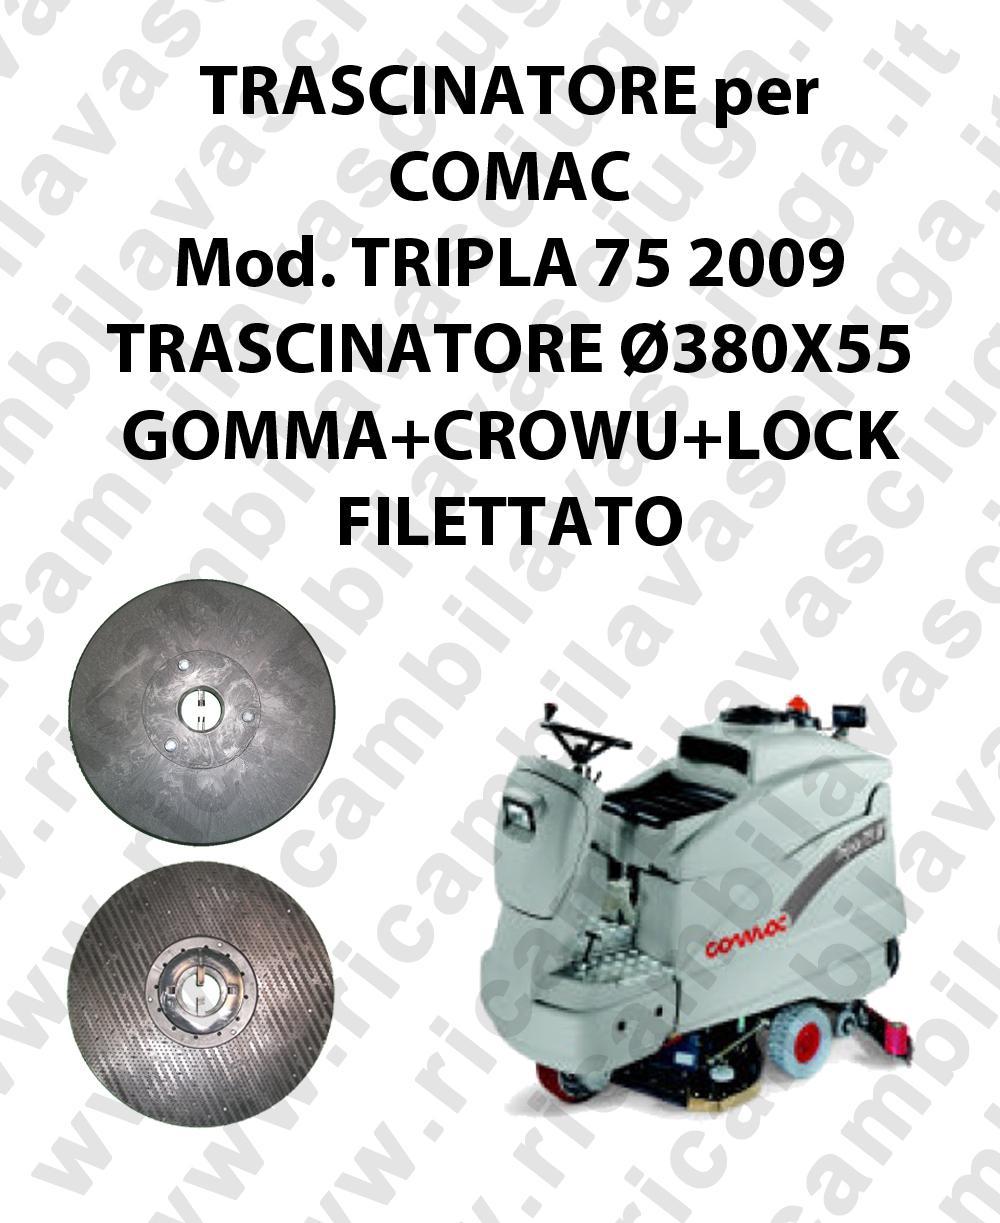 TRIPLA 75 2009 - Trascinatore per lavapavimenti COMAC